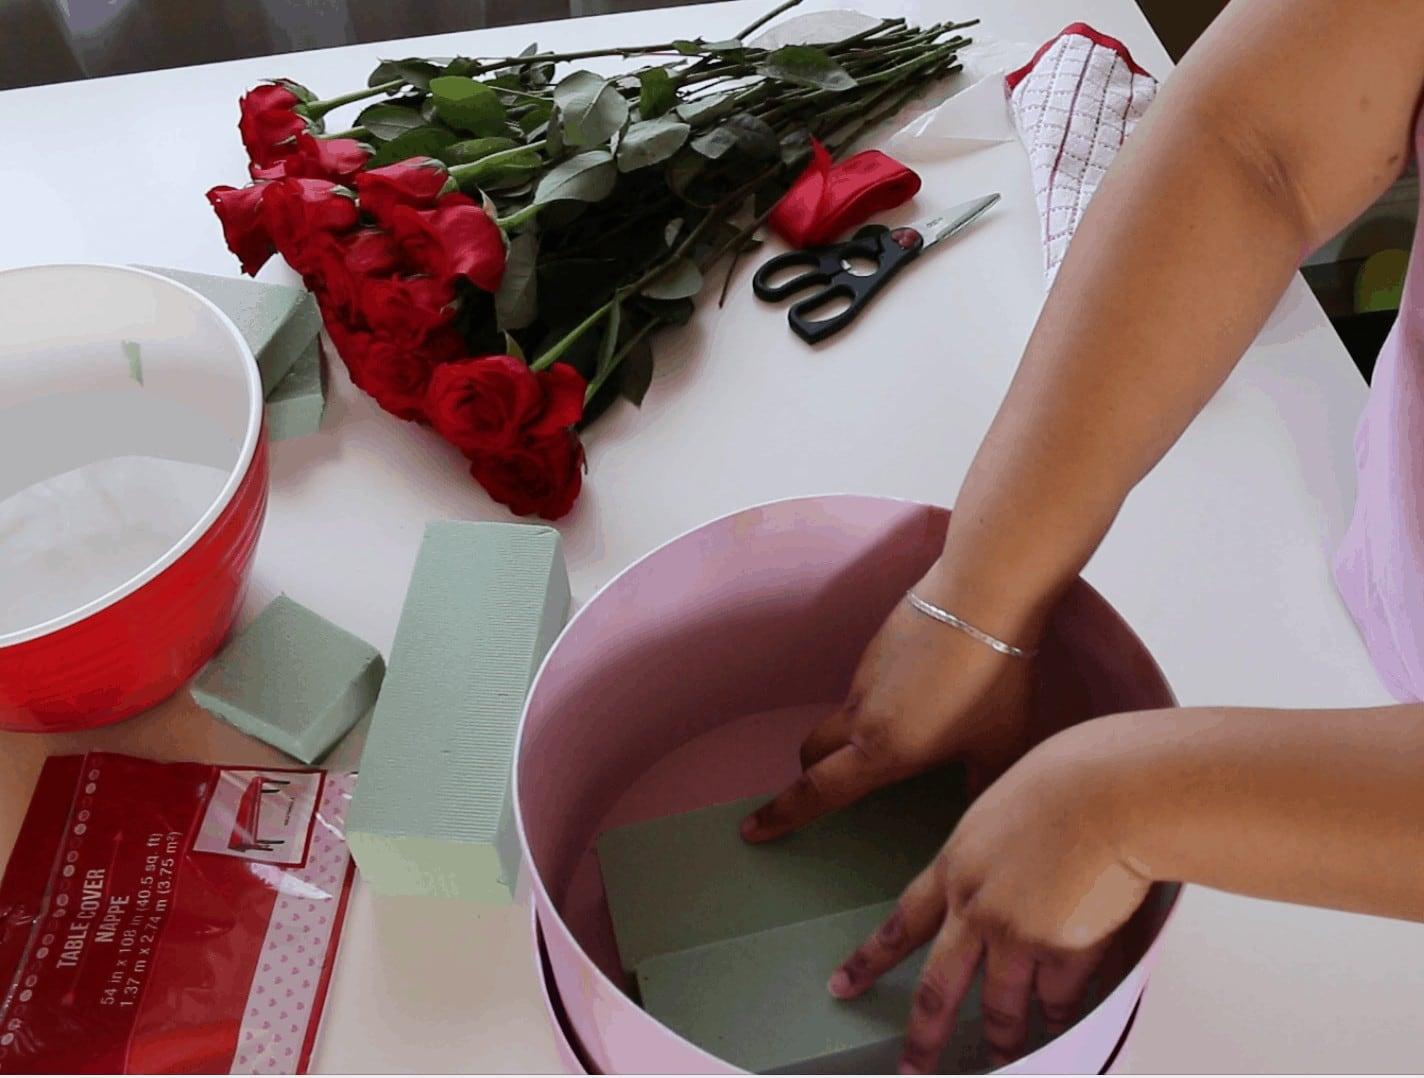 Screen Shot 2017 01 31 at 11.53.46 PM - Cómo hacer Caja de Rosas para San Valentin :  También 6 Fáciles regalos que tu mismo puedes hacer para Valentines Day